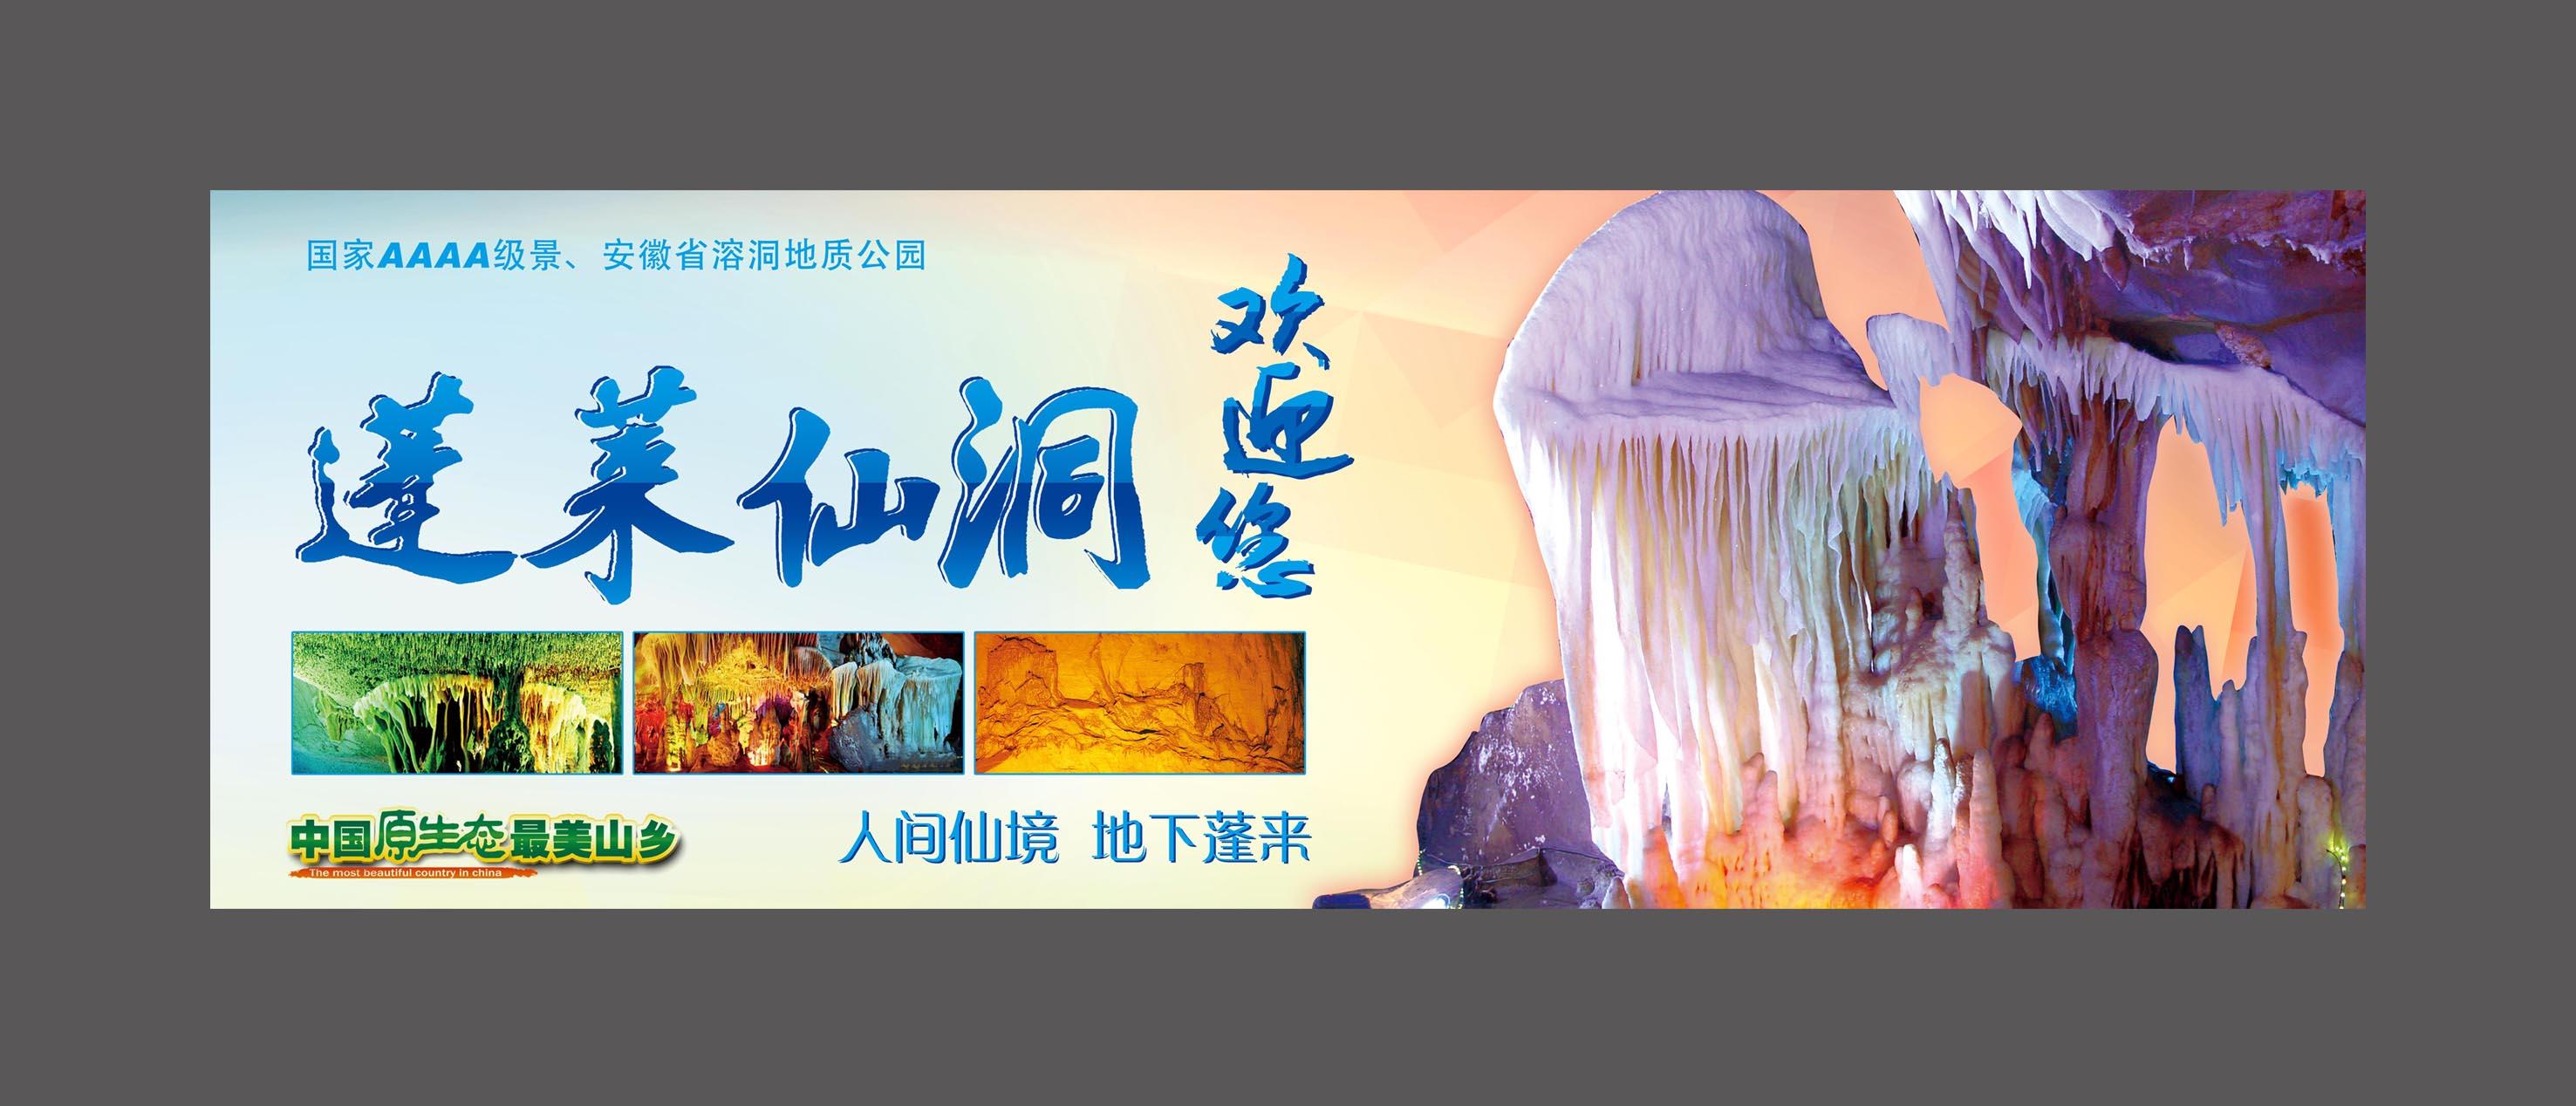 安徽蓬莱仙洞景区户外广告设计